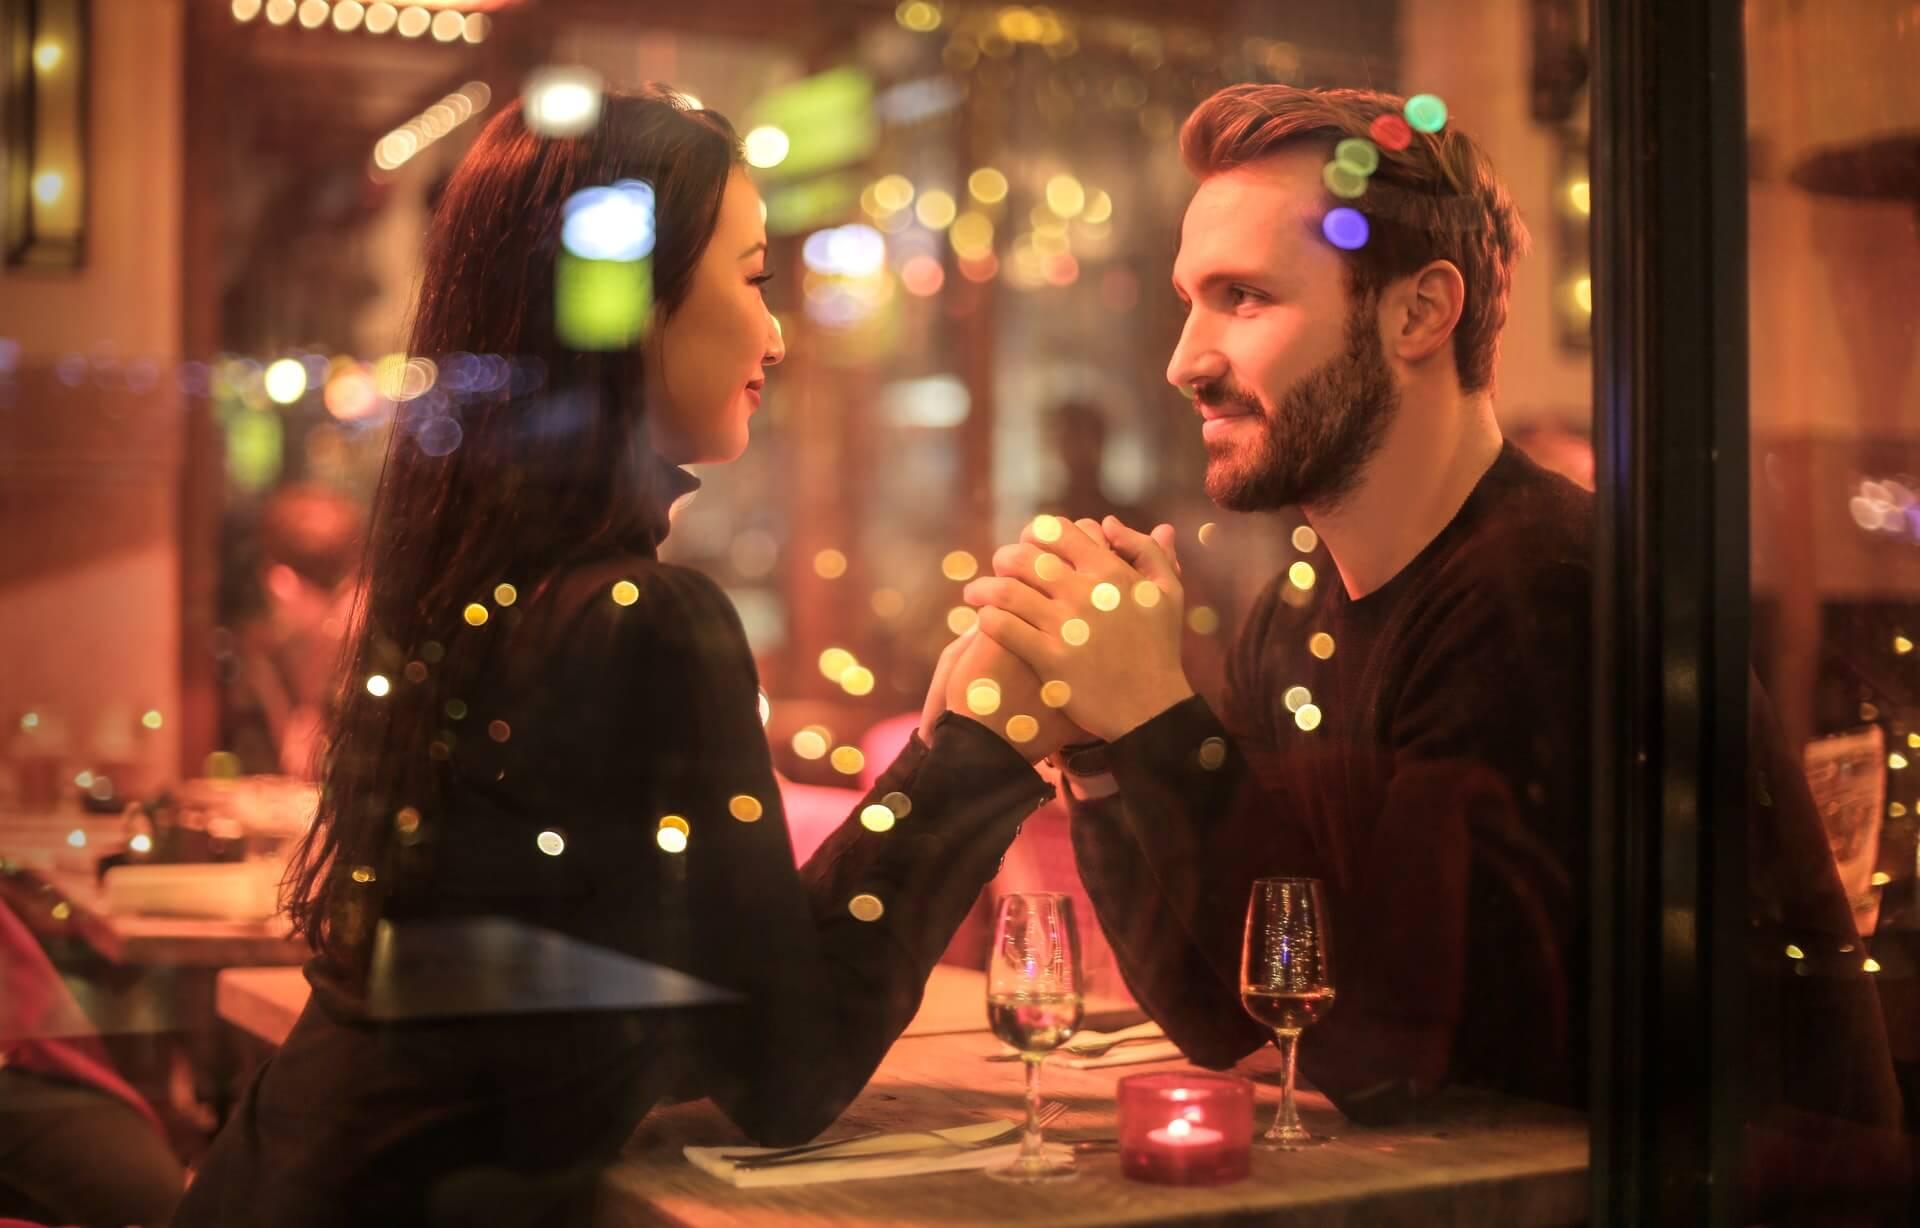 Partner_med_niveau_dating_sider